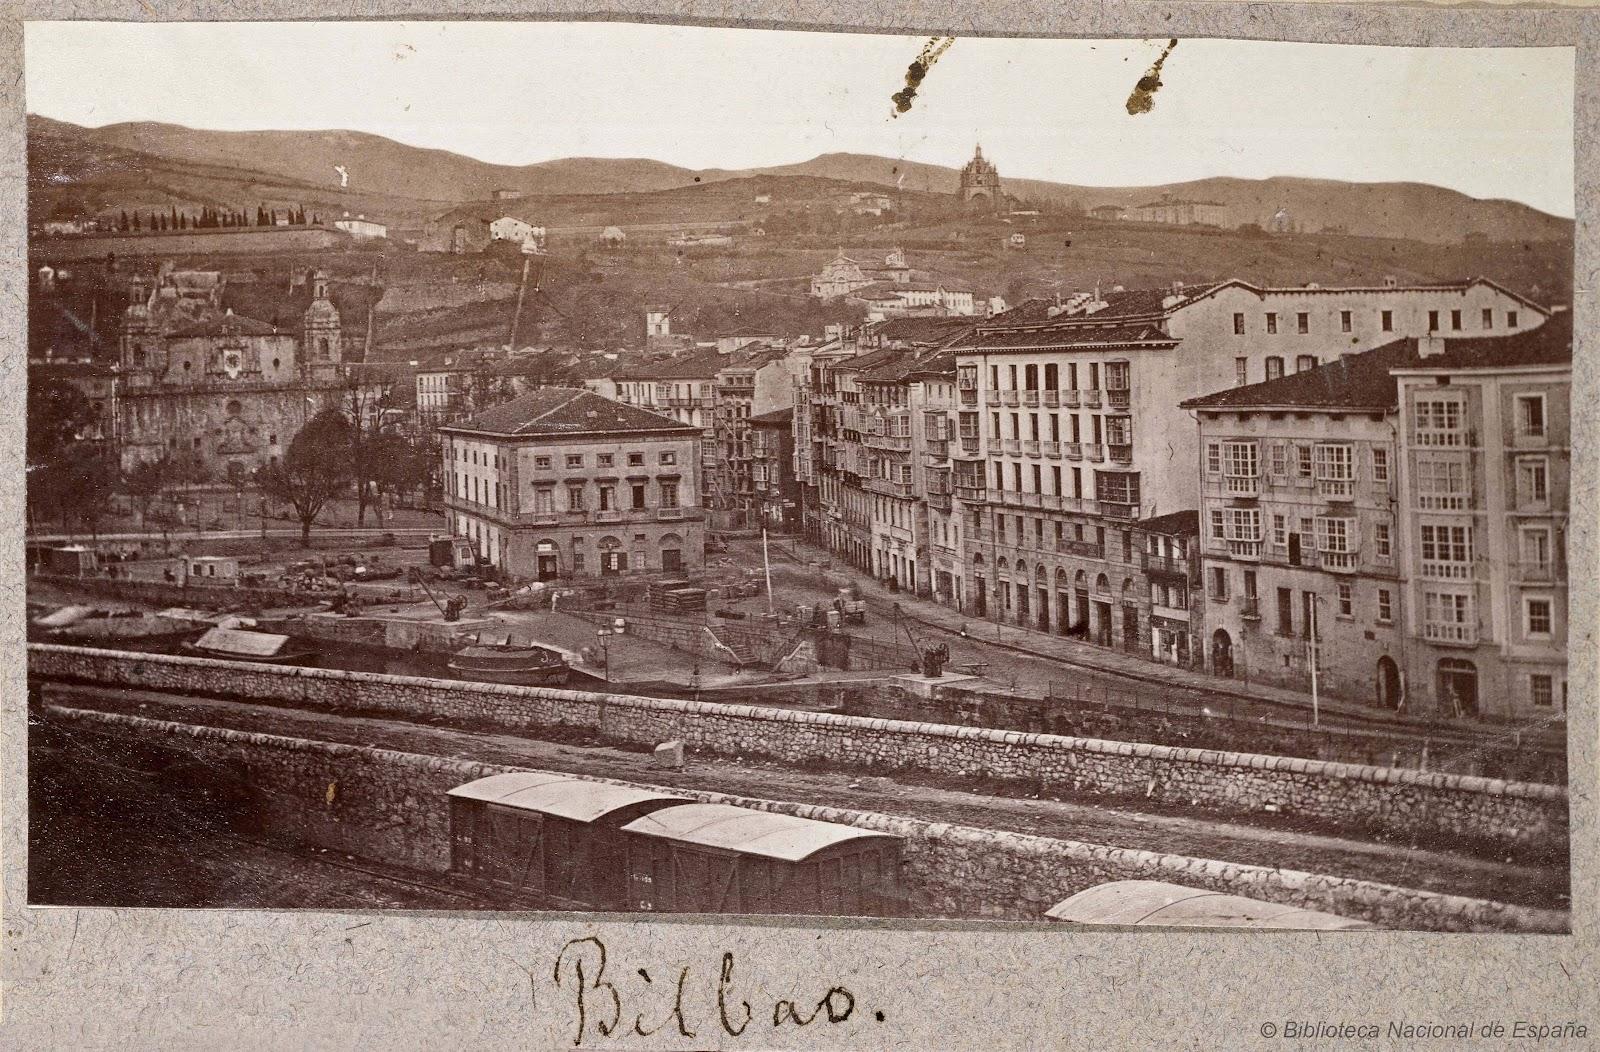 Blog de cesar estornes de historia y deportes los - Bilbao fotos antiguas ...